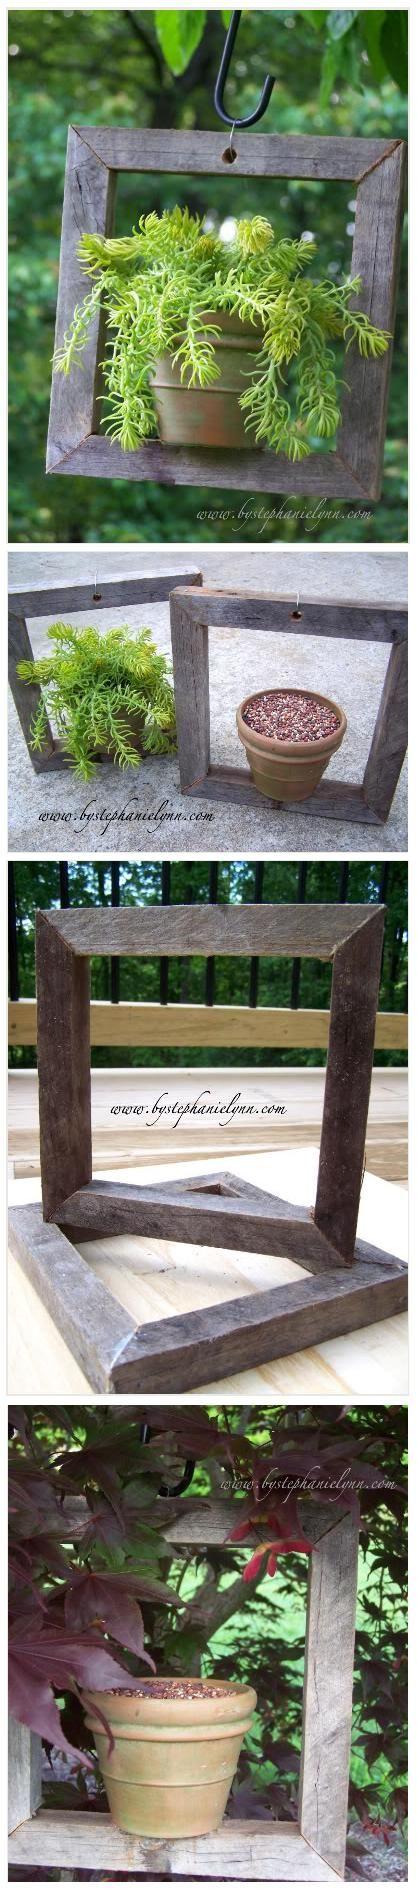 Reclaimed Wood Plant Hangers And Bird Feeders. Una idea simpática para hacer: maceteros colgantes con marcos de madera